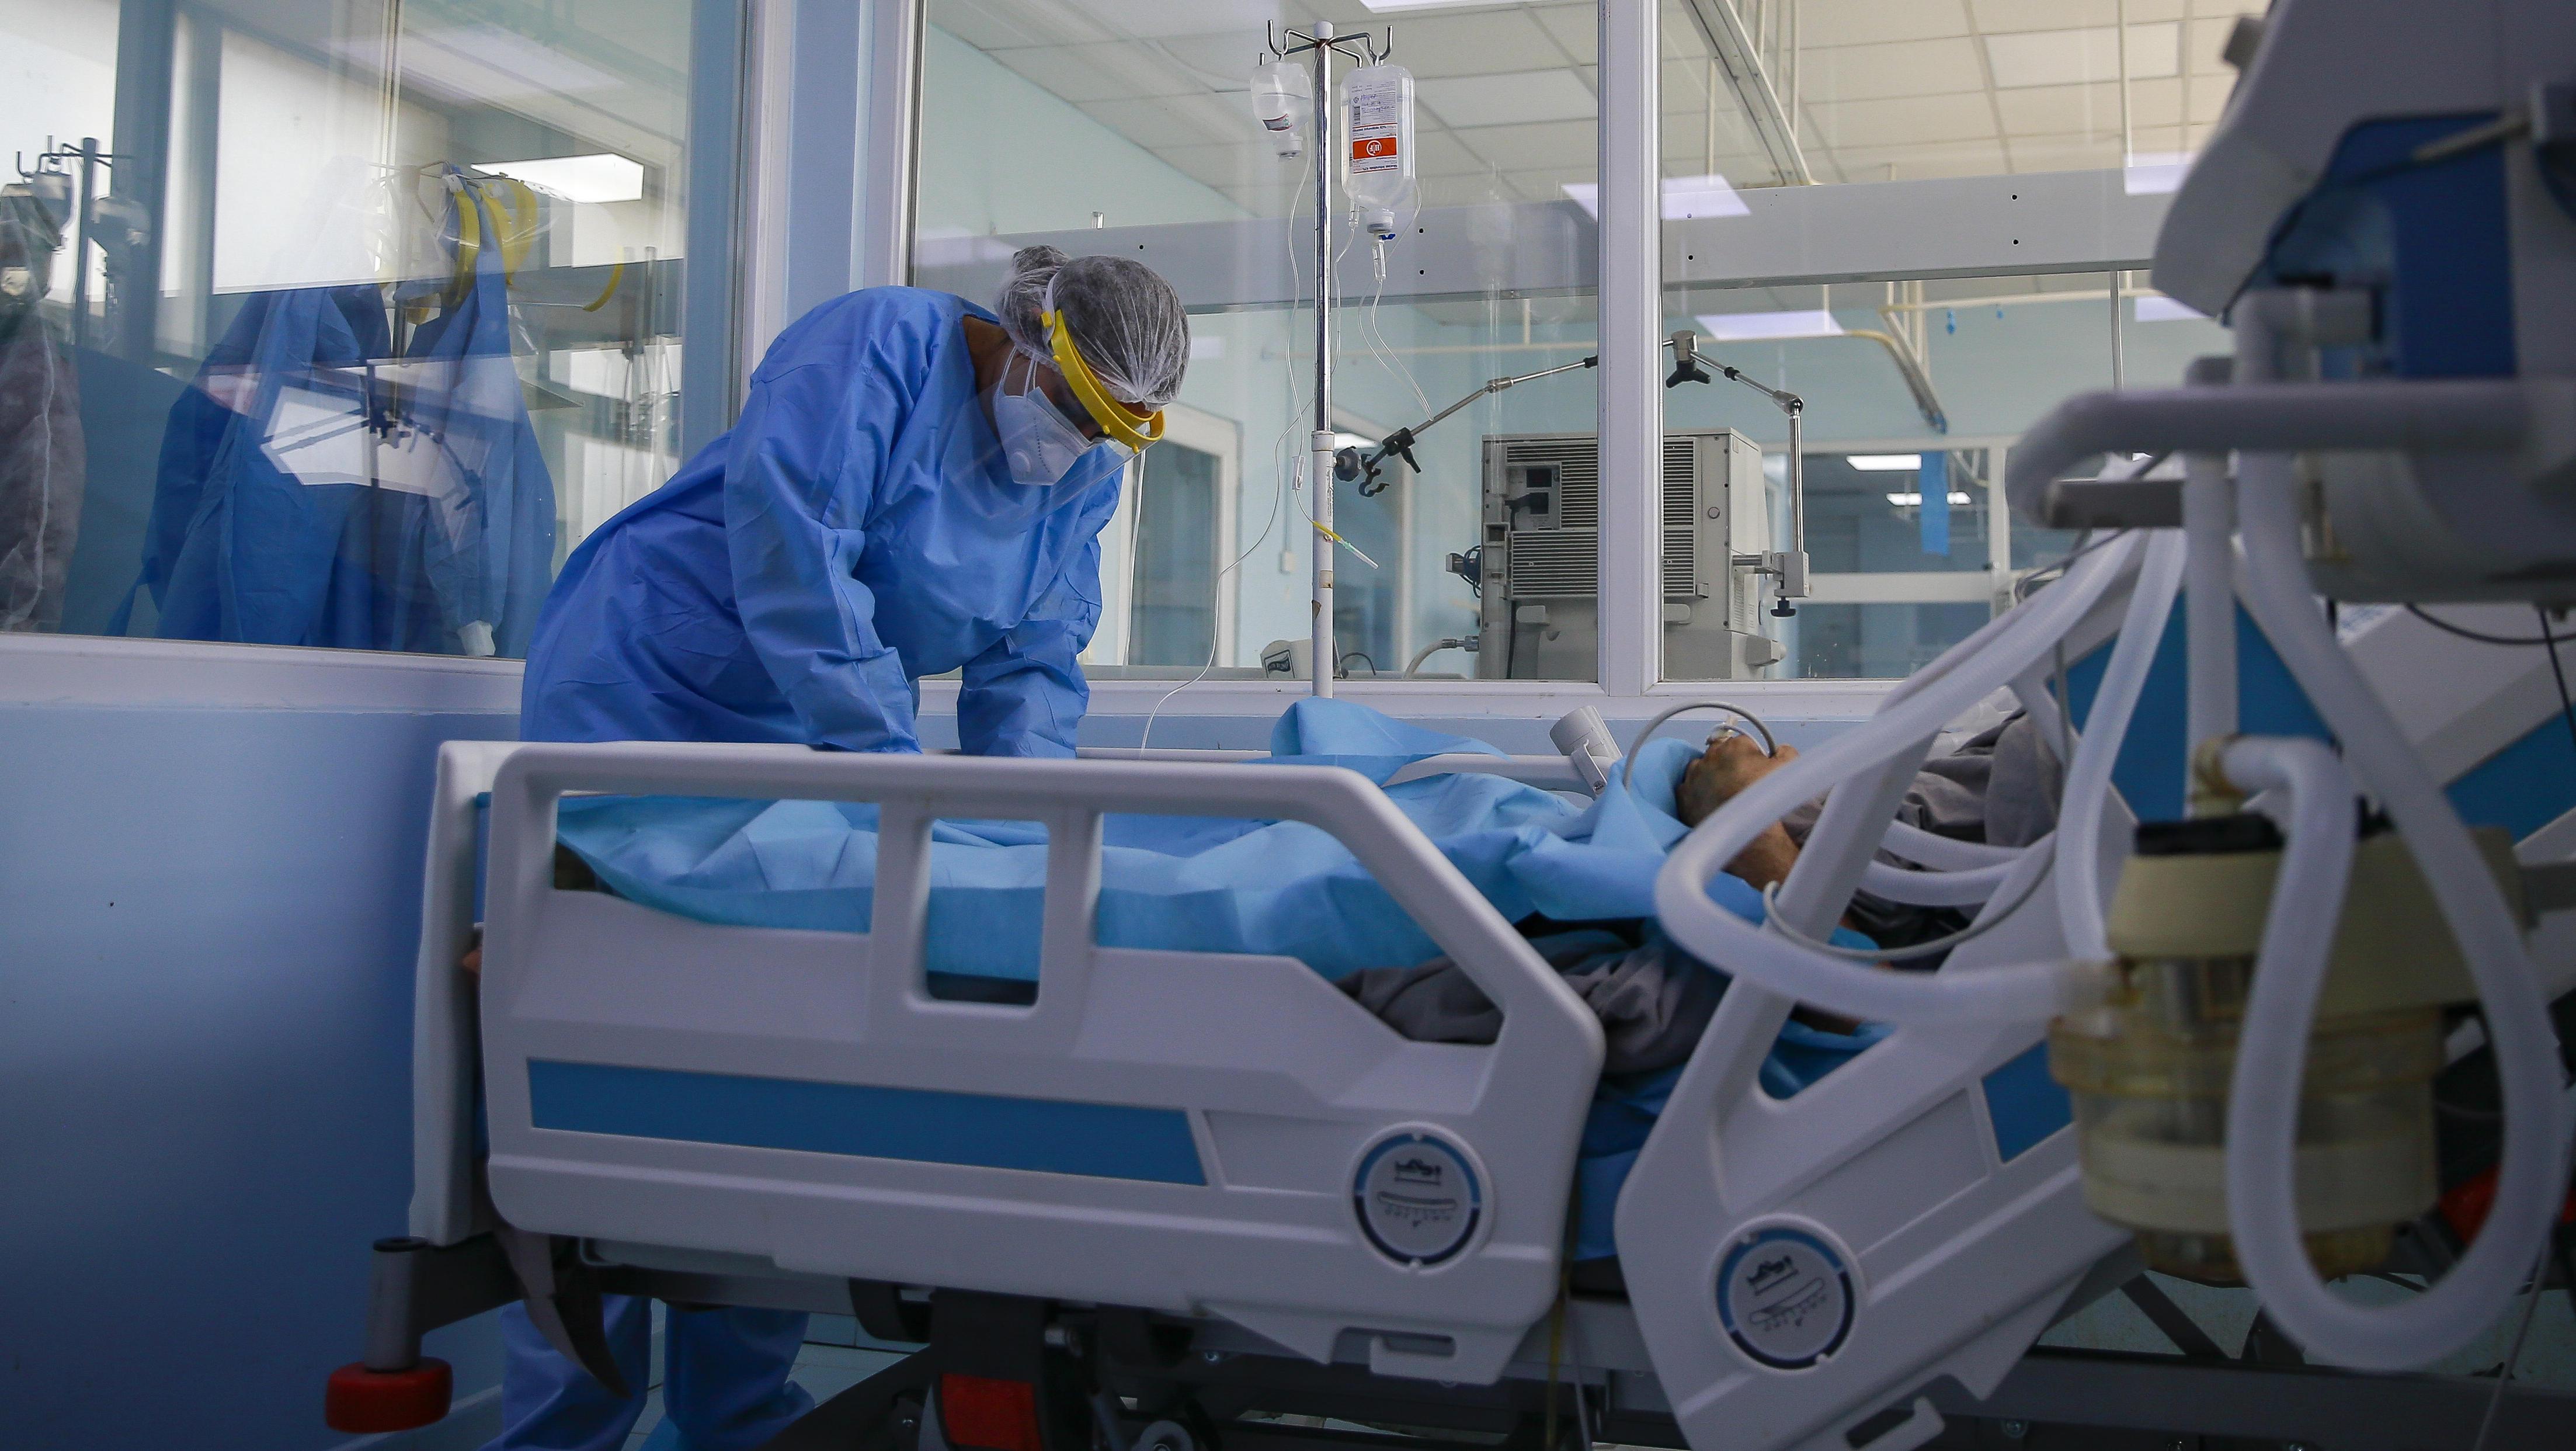 台護理師在美抗疫 染新冠又中風癱瘓